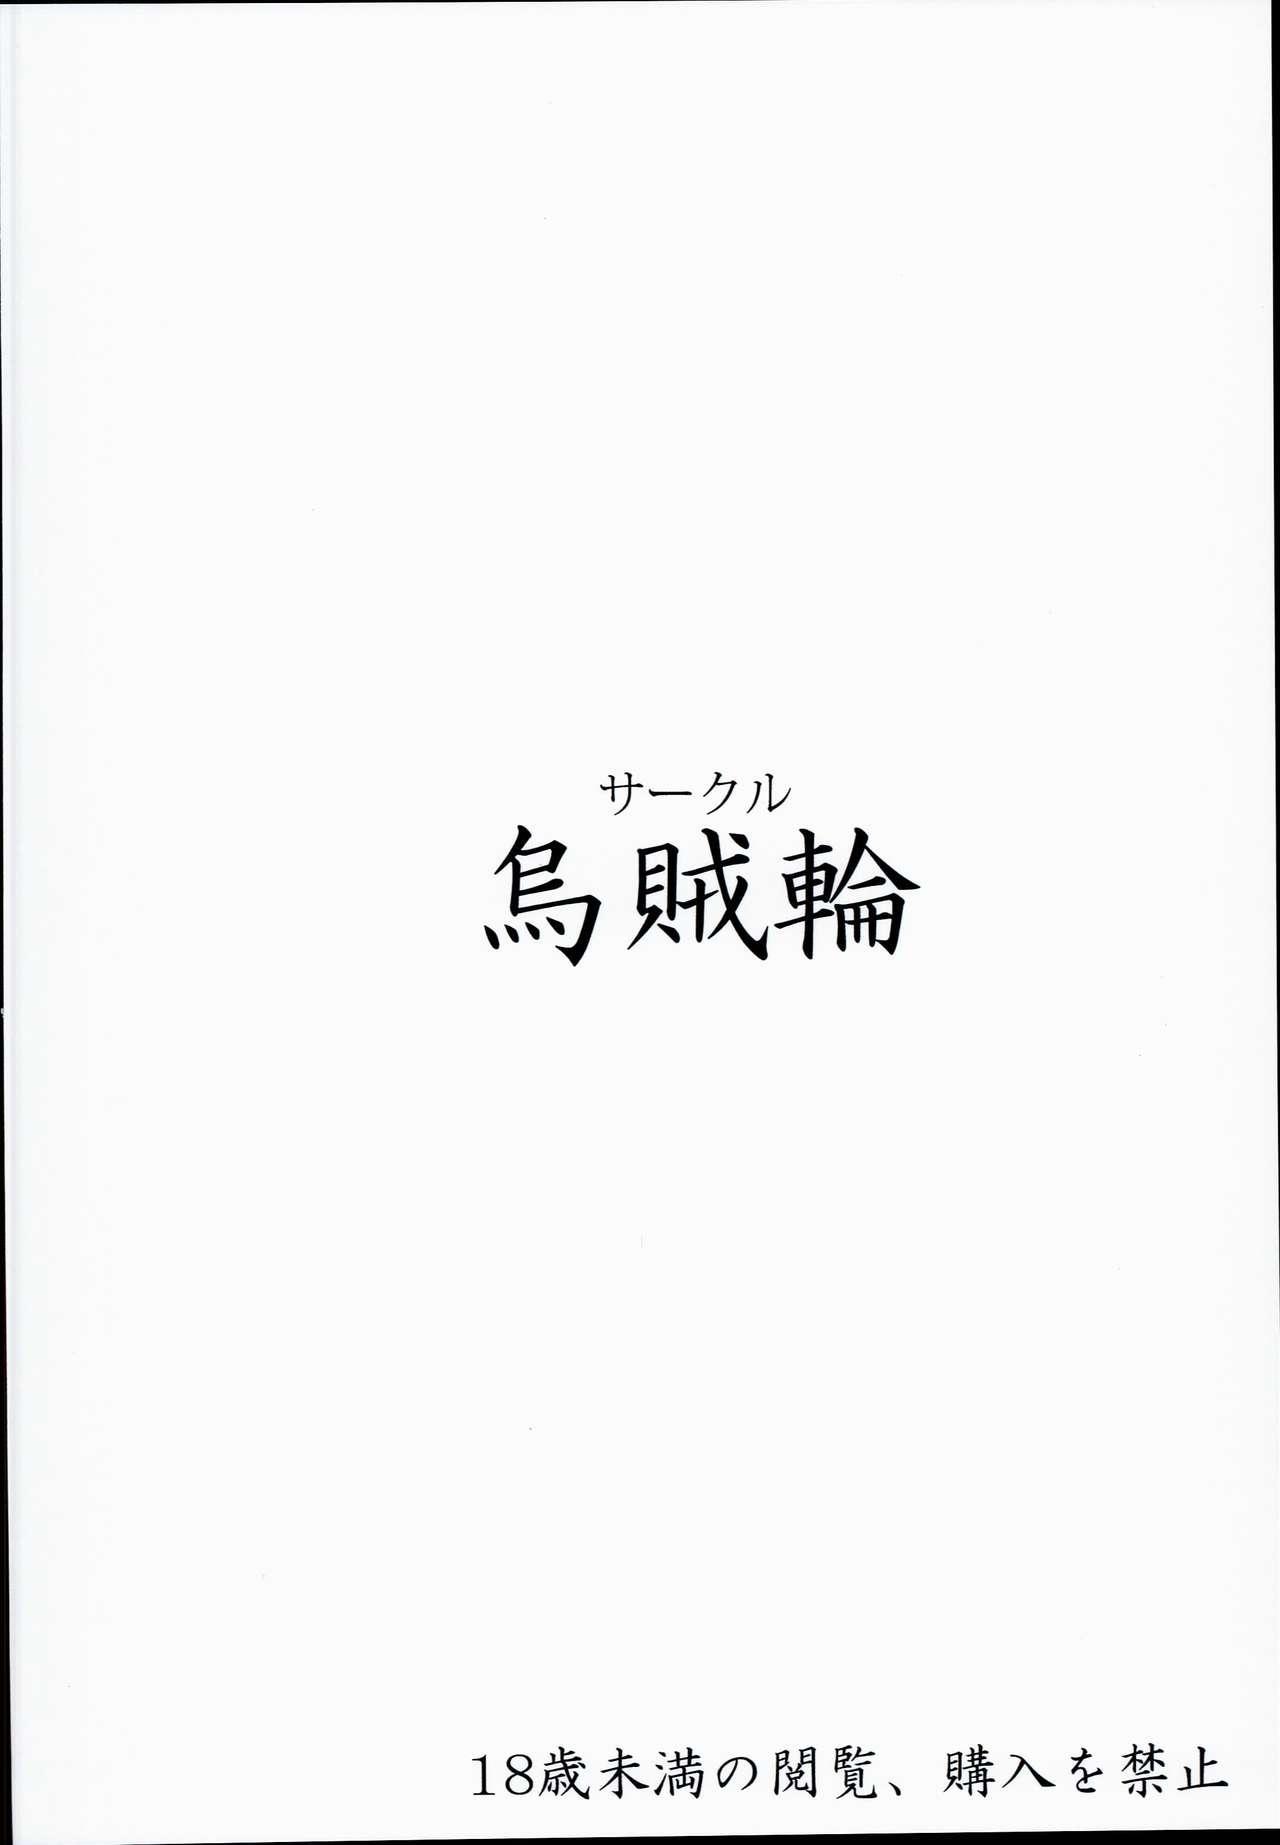 Korwa-san no Chissana Mizugi de H ni Hatsujousuru Kikuudan 19